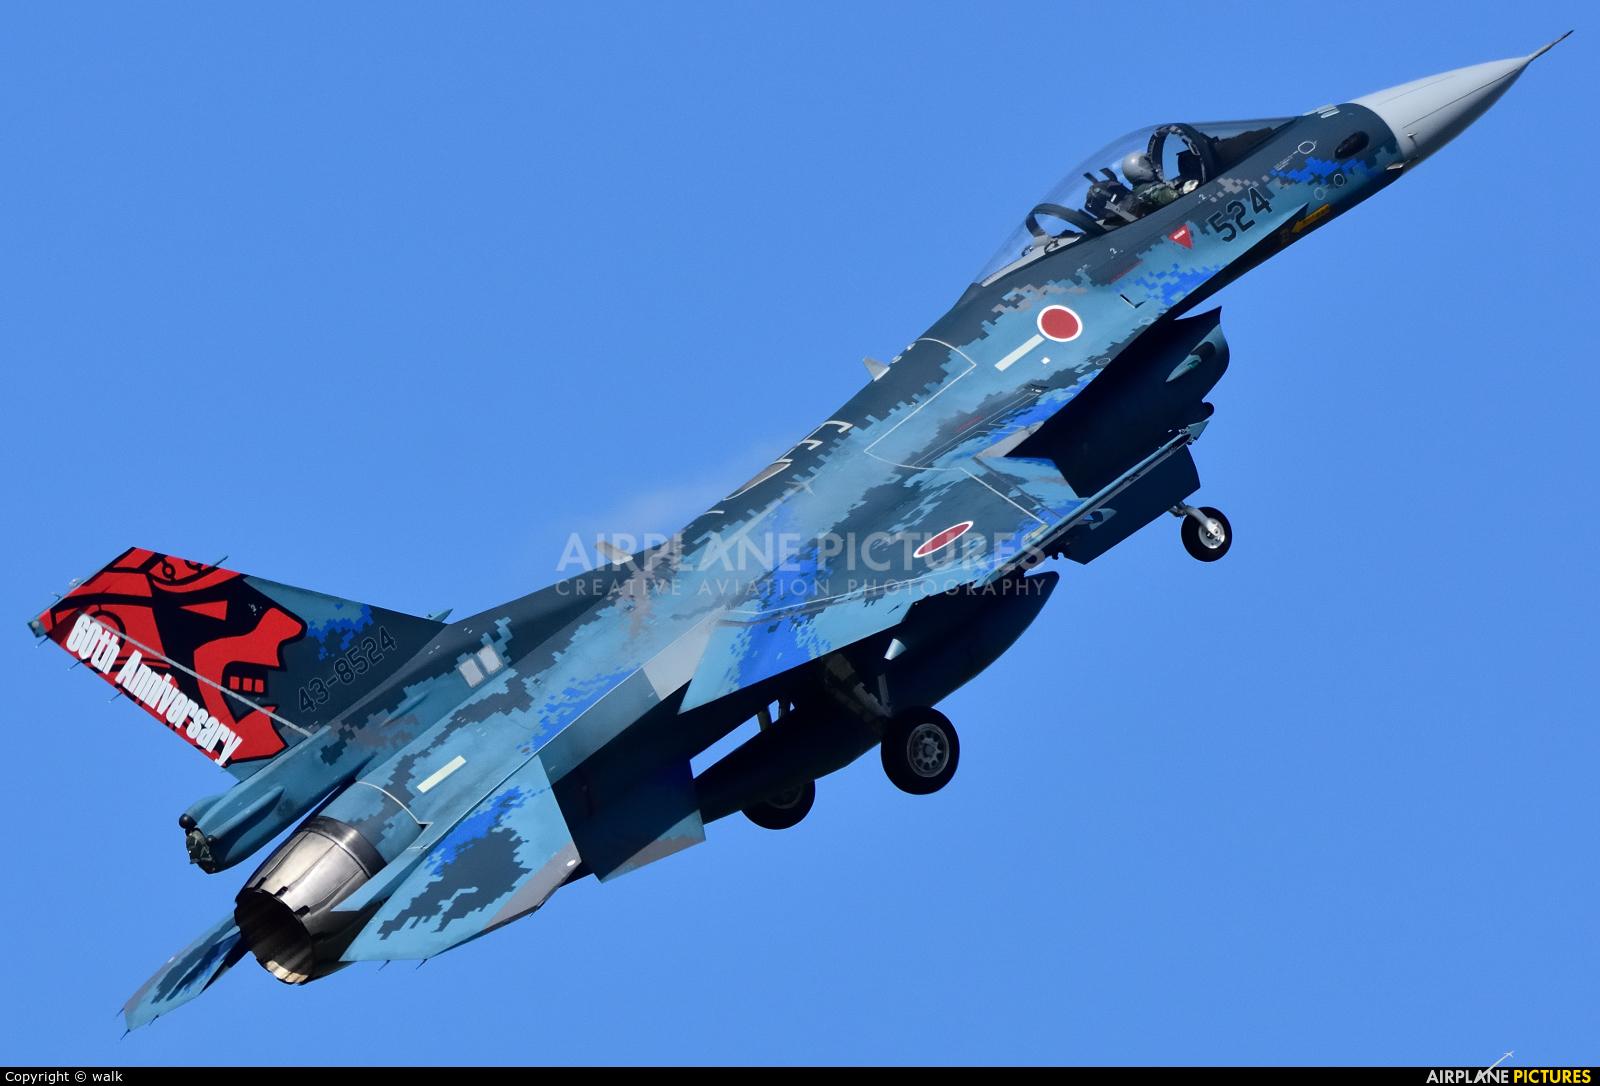 Japan - Air Self Defence Force 43-8524 aircraft at Misawa